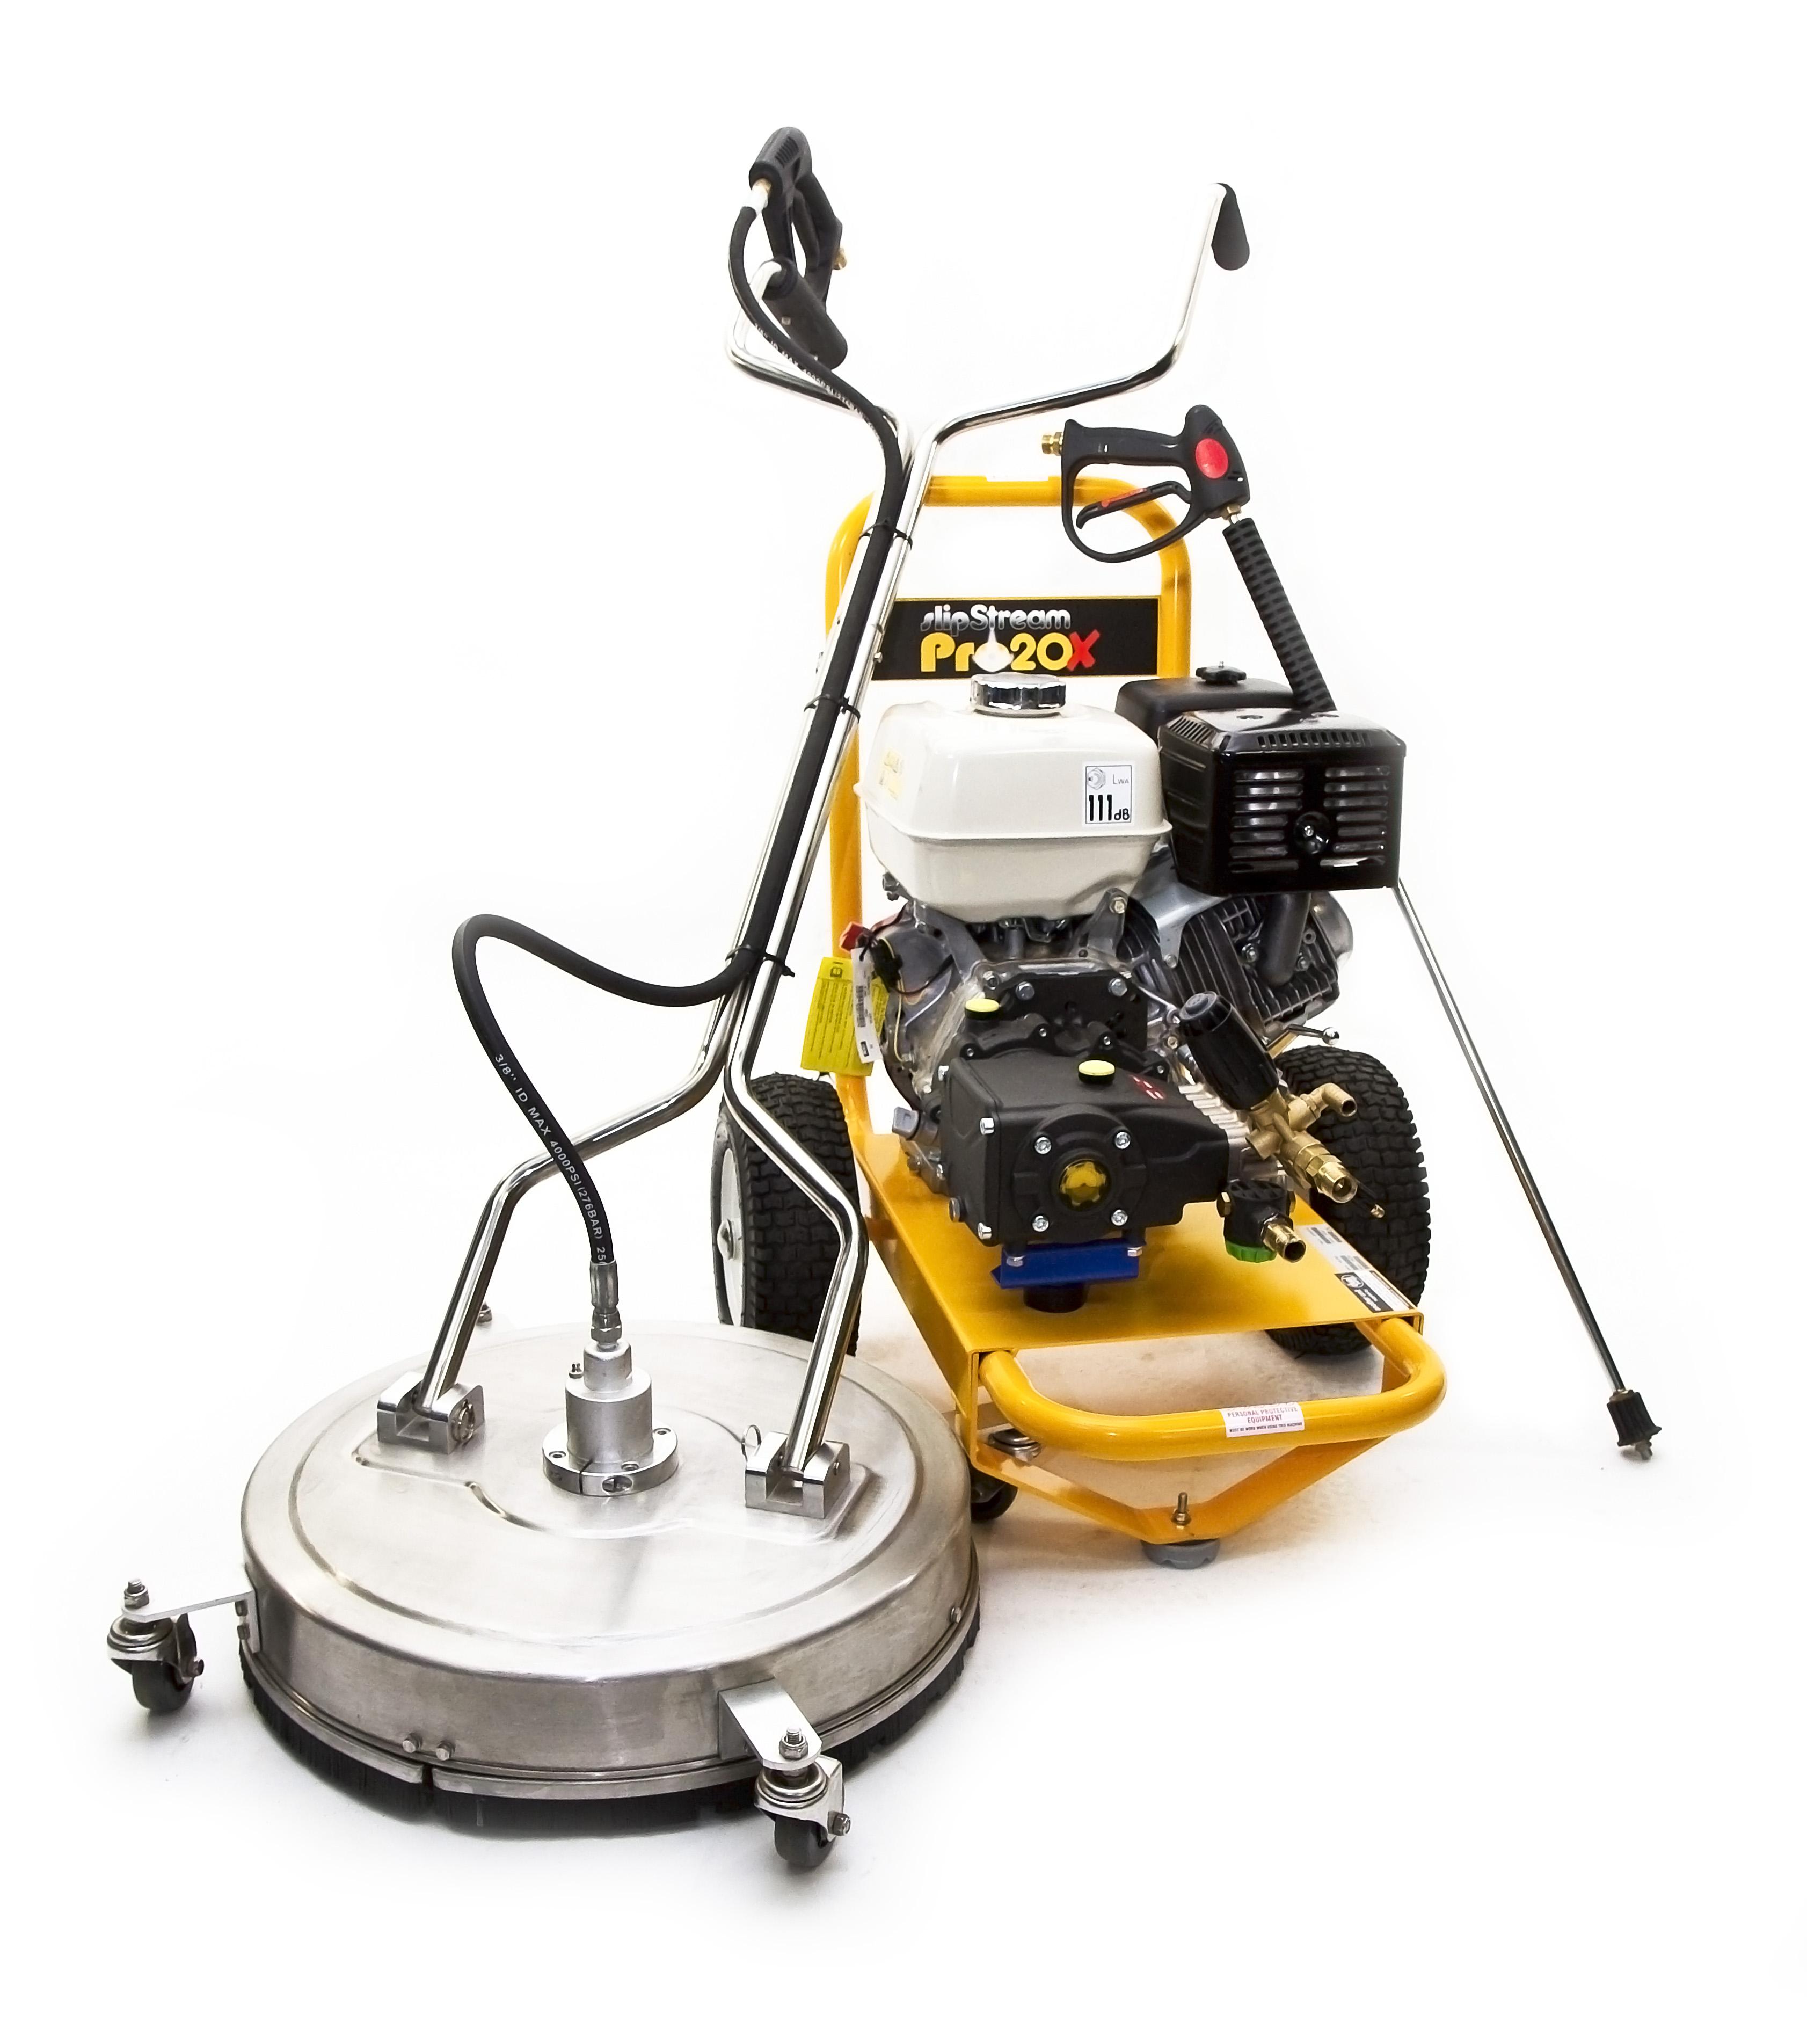 Jet Washing - Slip Stream Pro 20X .jpg